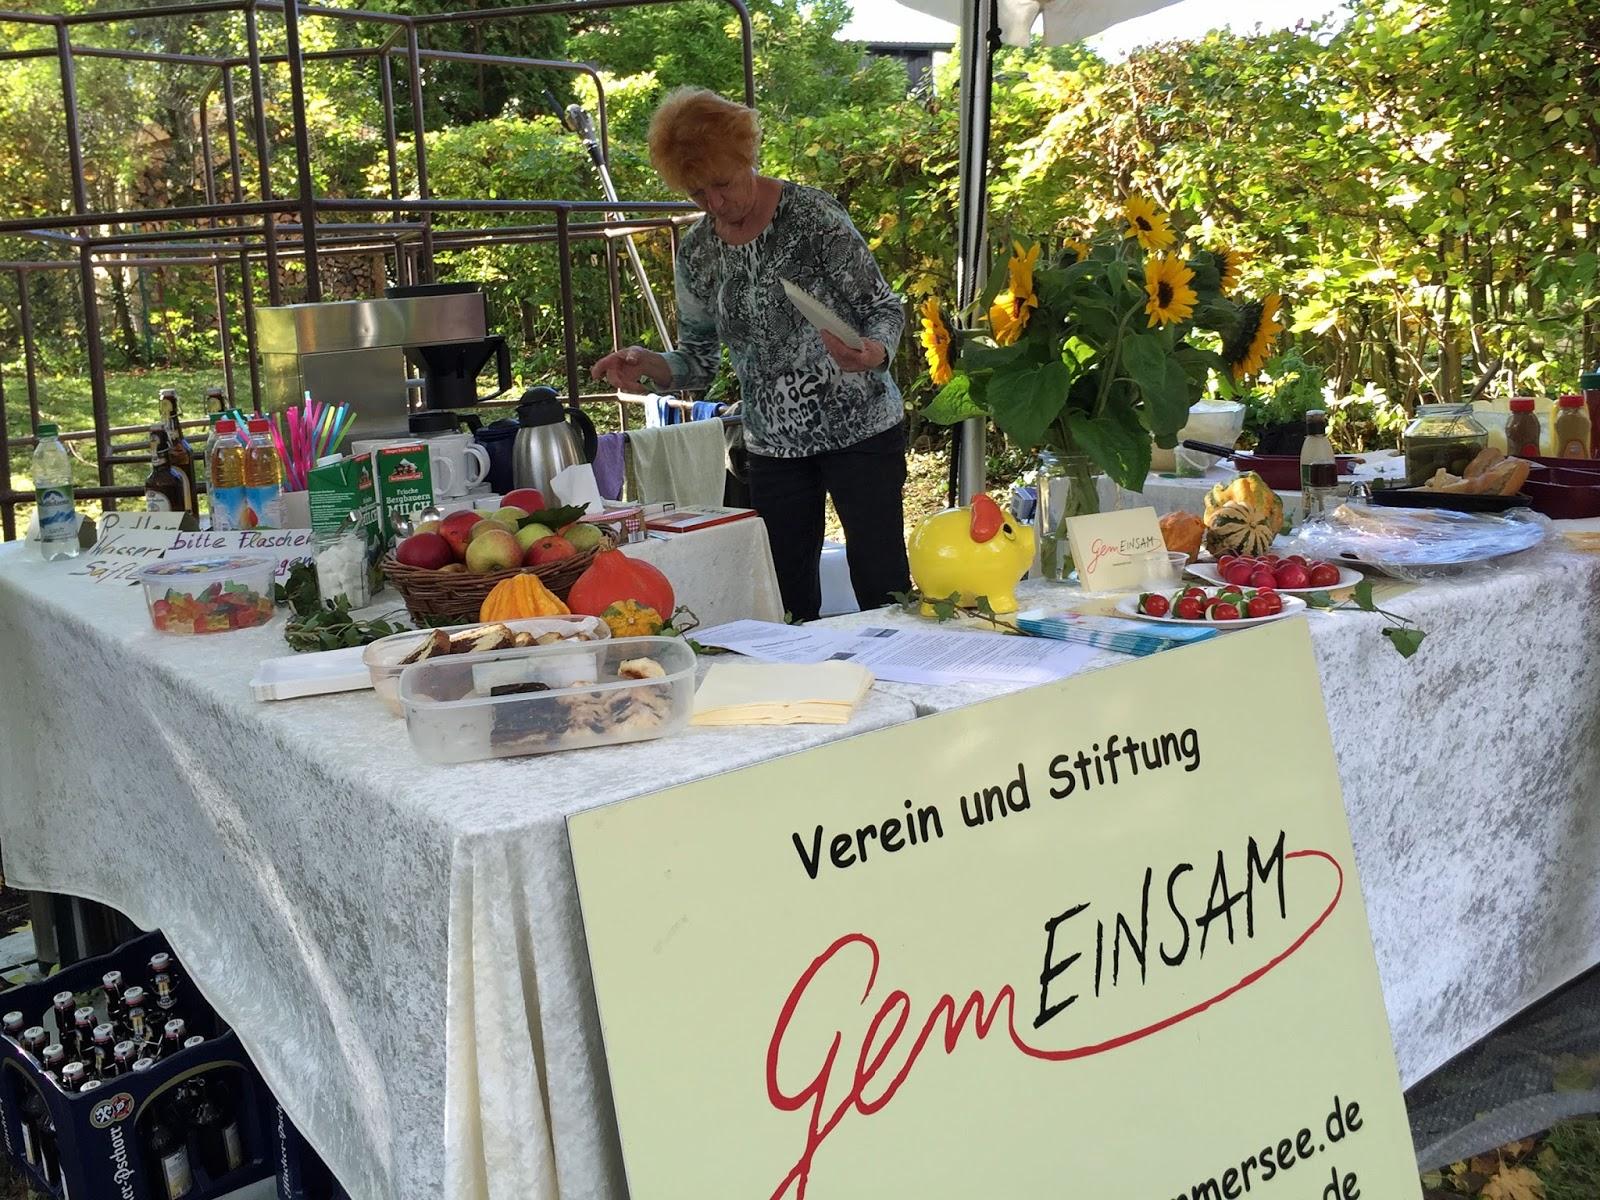 Freiwilligentag in Schondorf am Ammersee